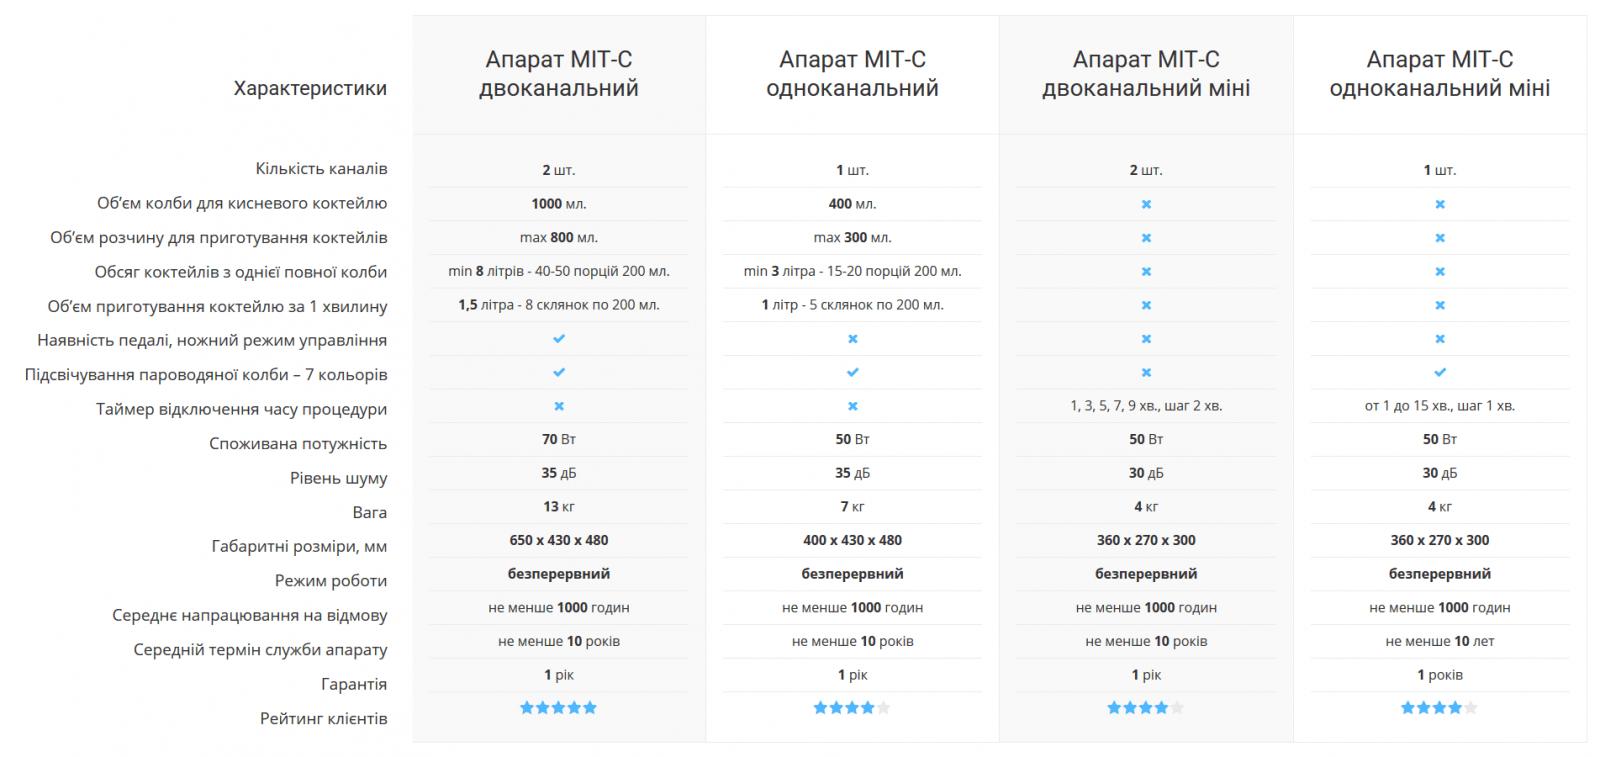 таблиця - порівняльні характеристики апаратів МІТ-С